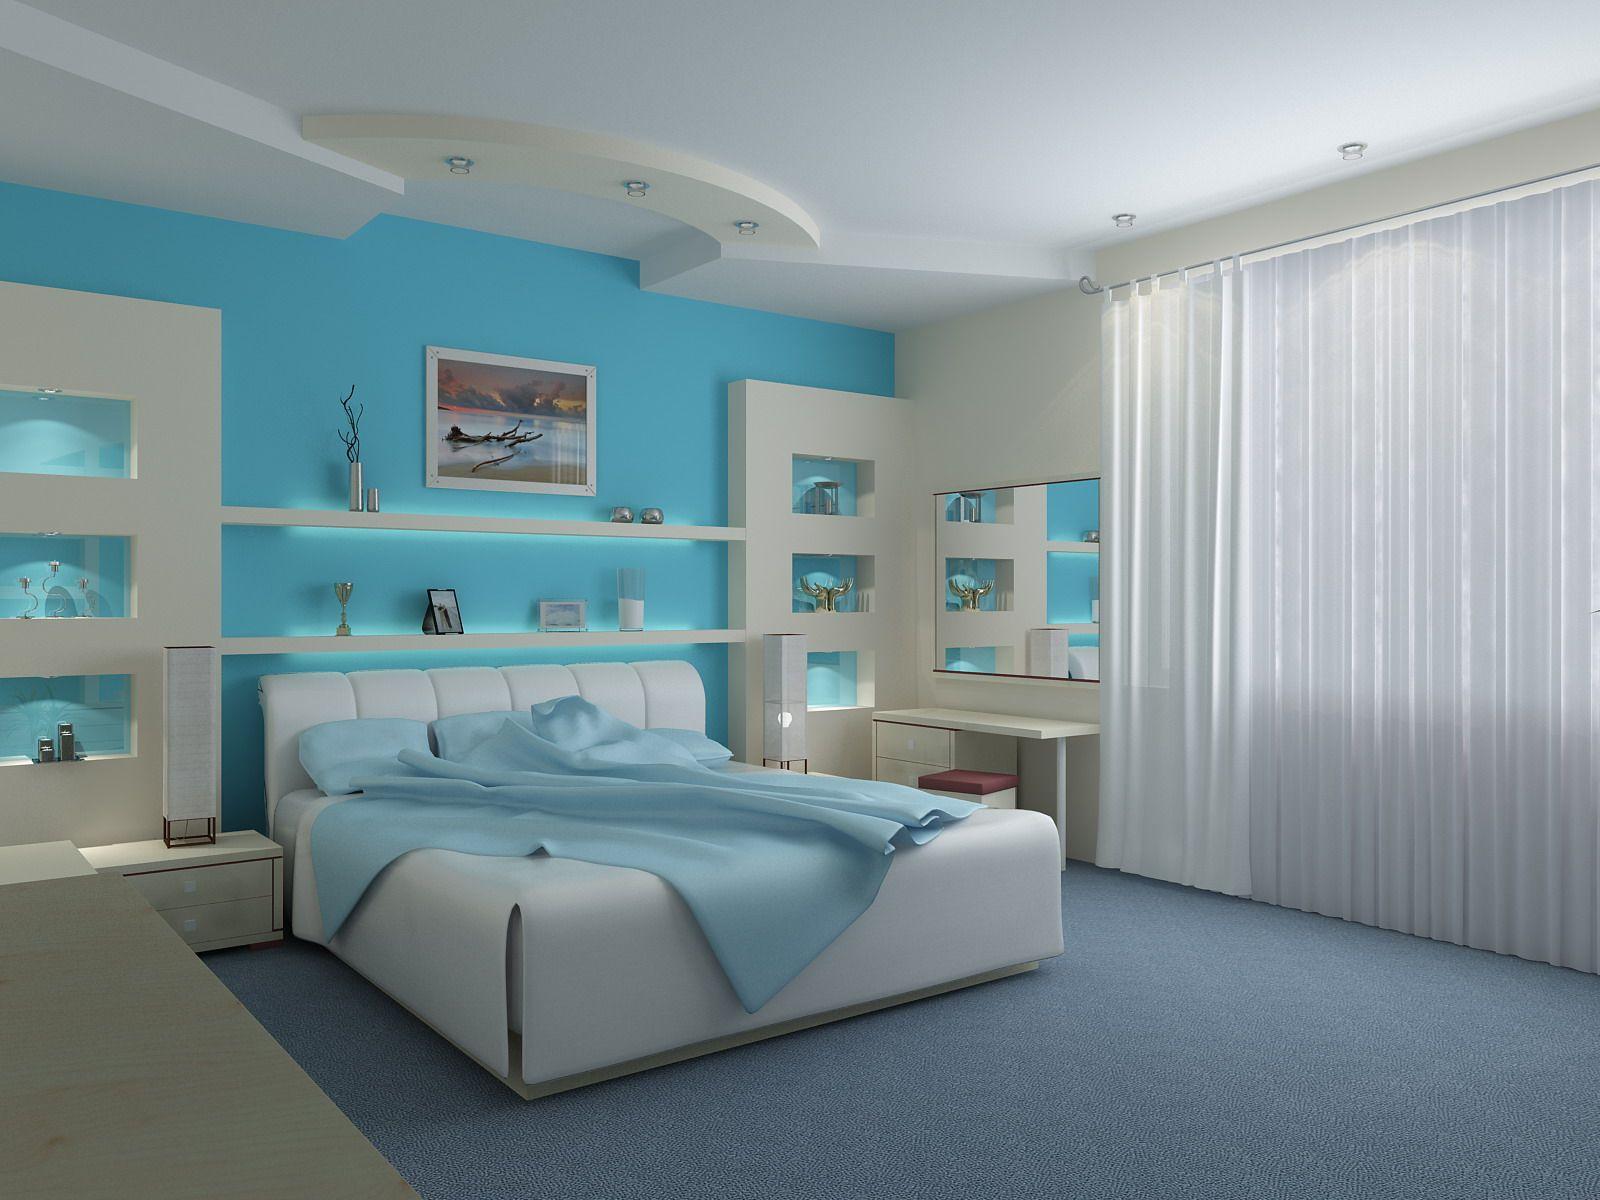 Bright Teal Blue Bedroom Blue Bedroom Decor Blue Bedroom Design